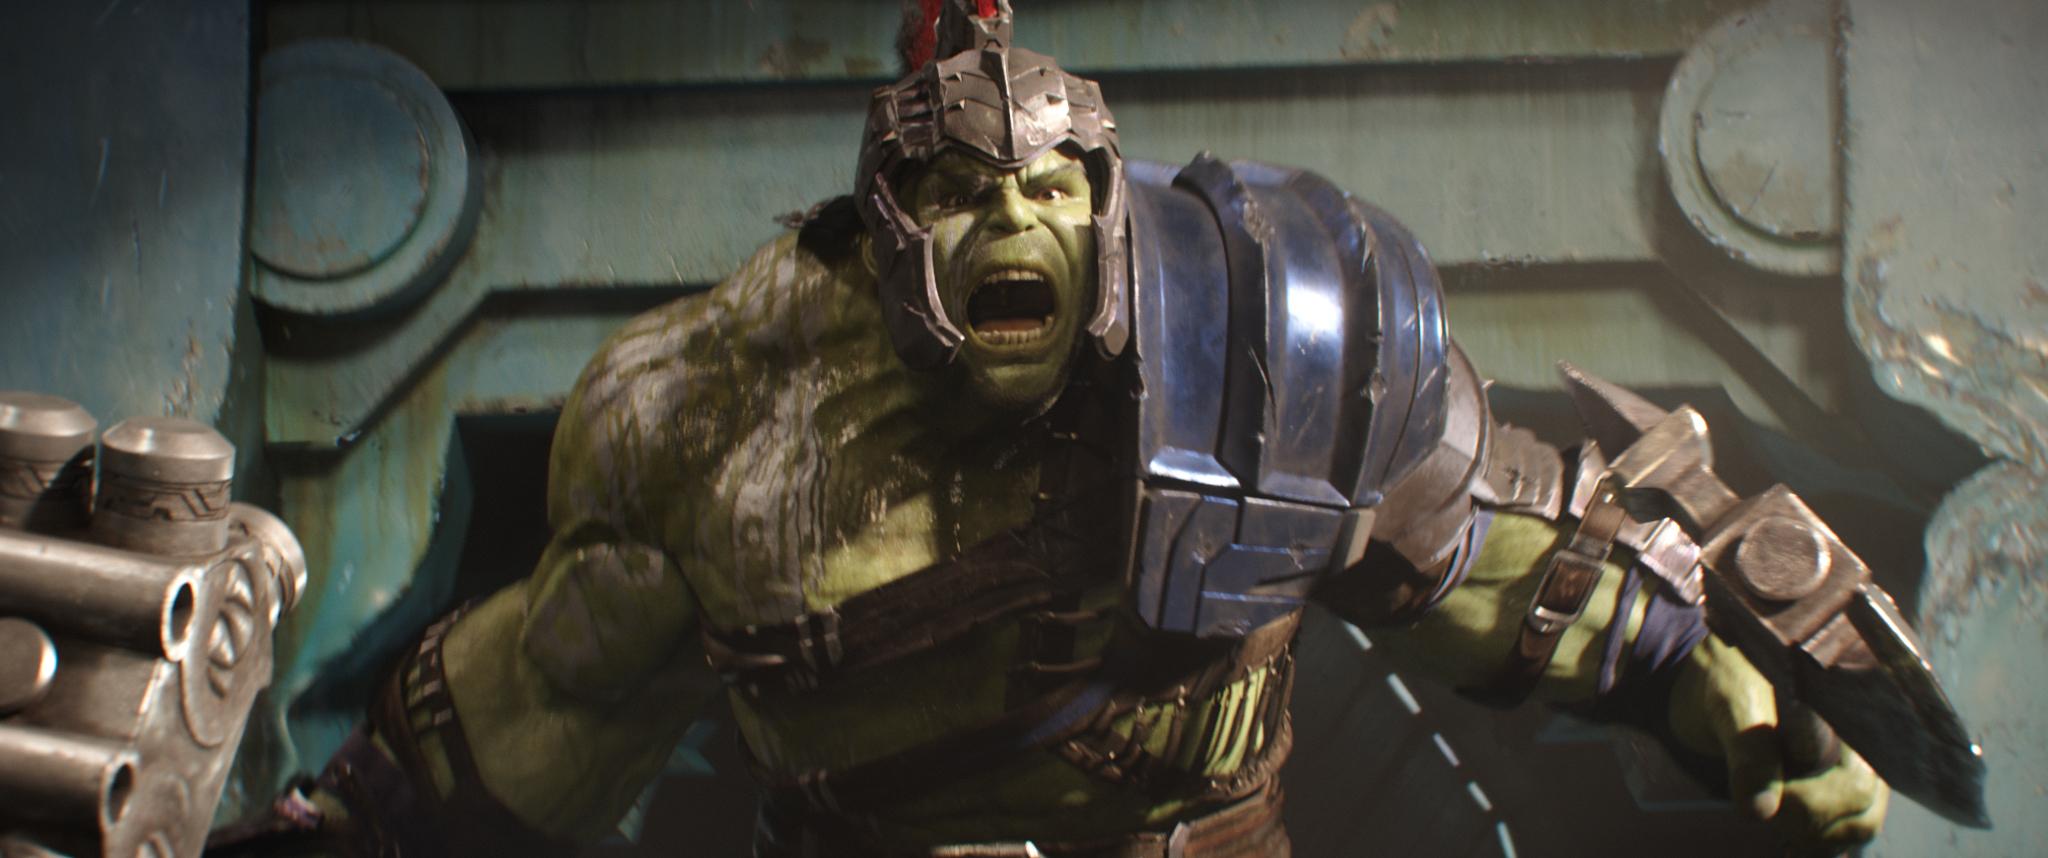 Hulk equipado com armadura de combate